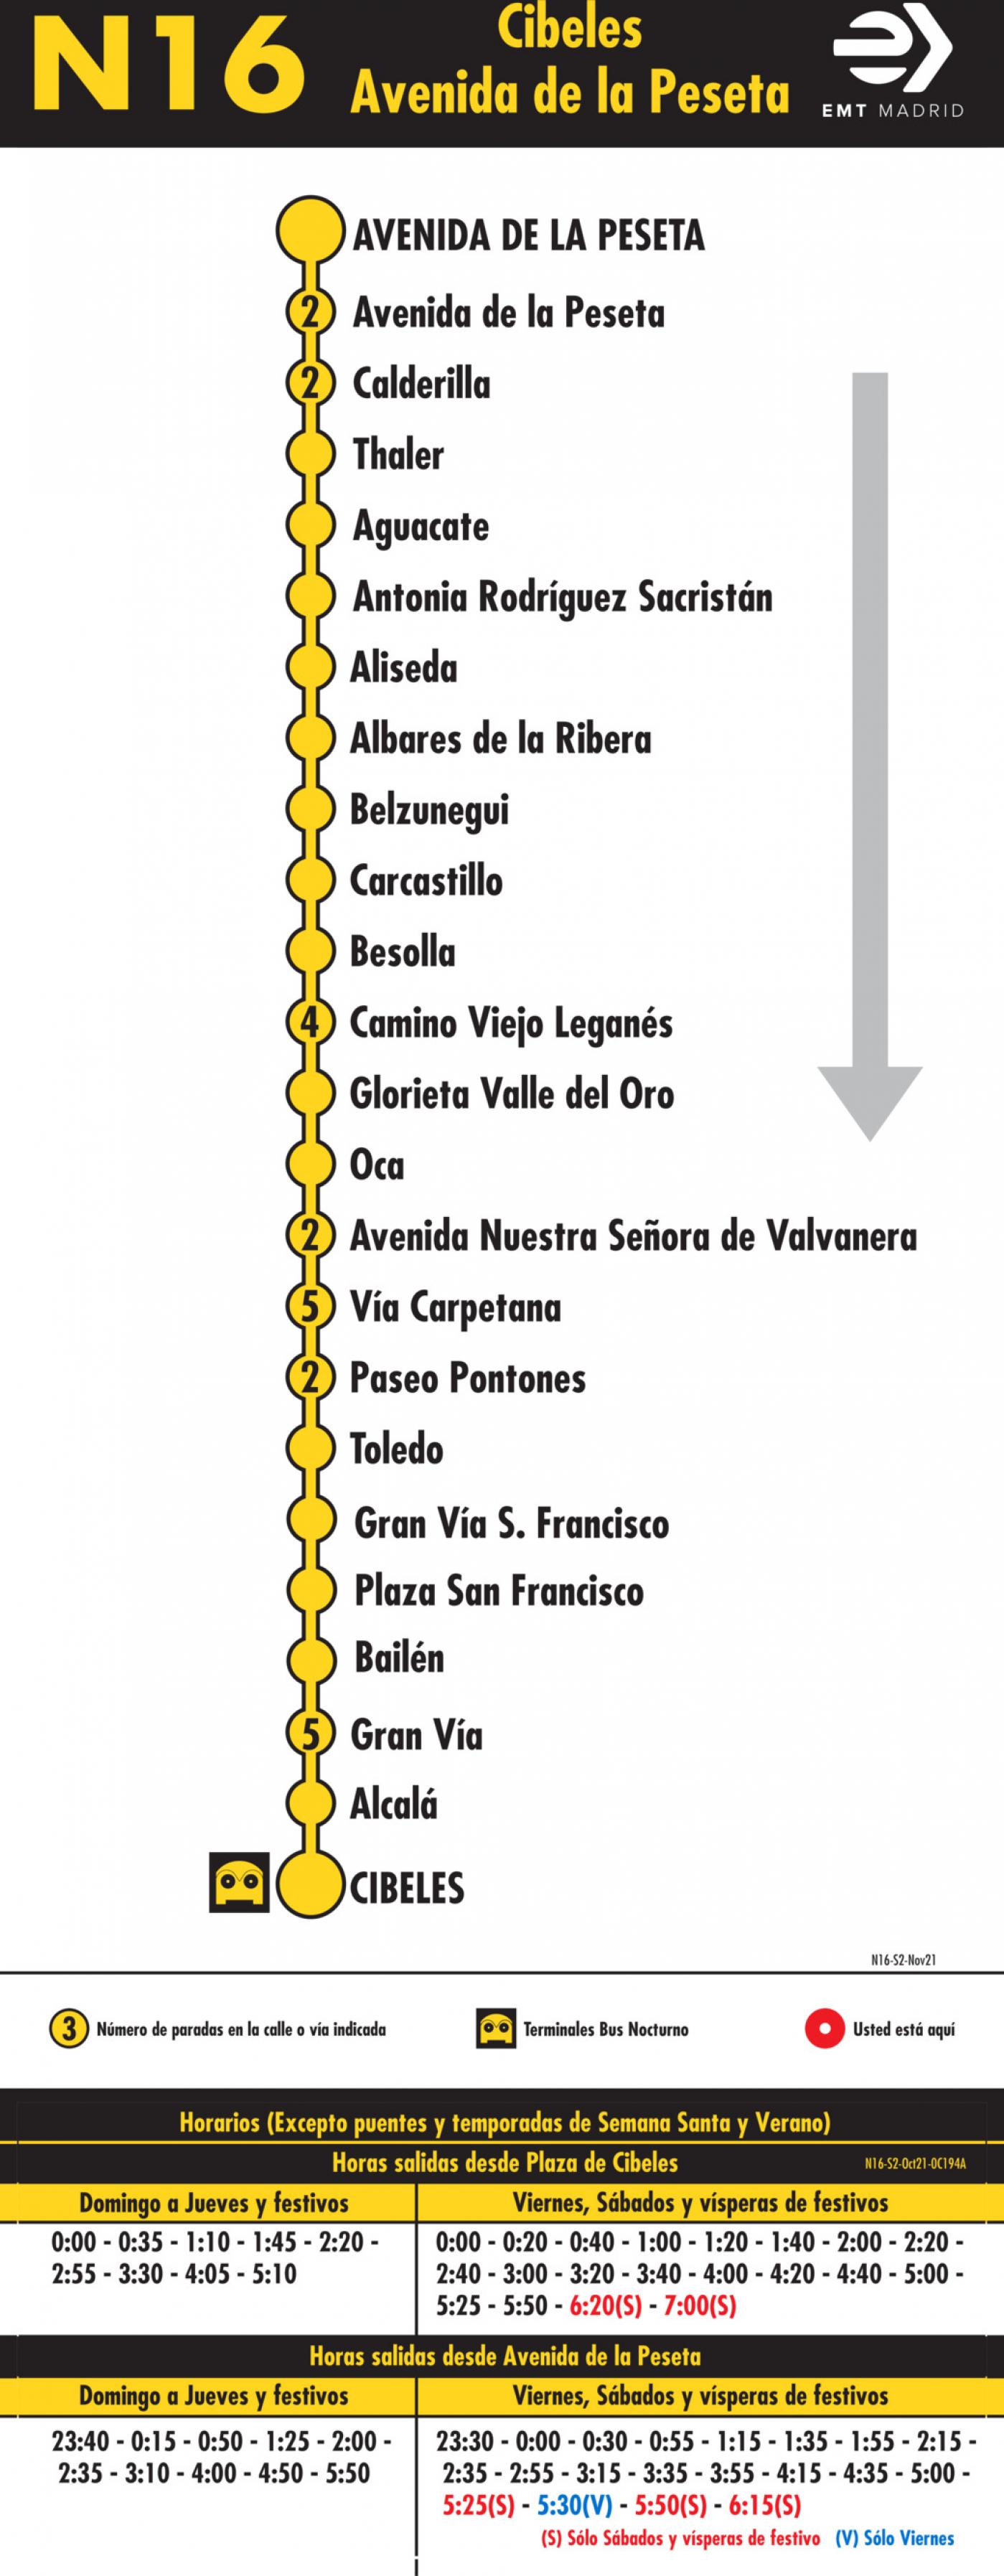 Tabla de horarios y frecuencias de paso en sentido vuelta Línea N16: Plaza de Cibeles - Avenida de la Peseta (búho)